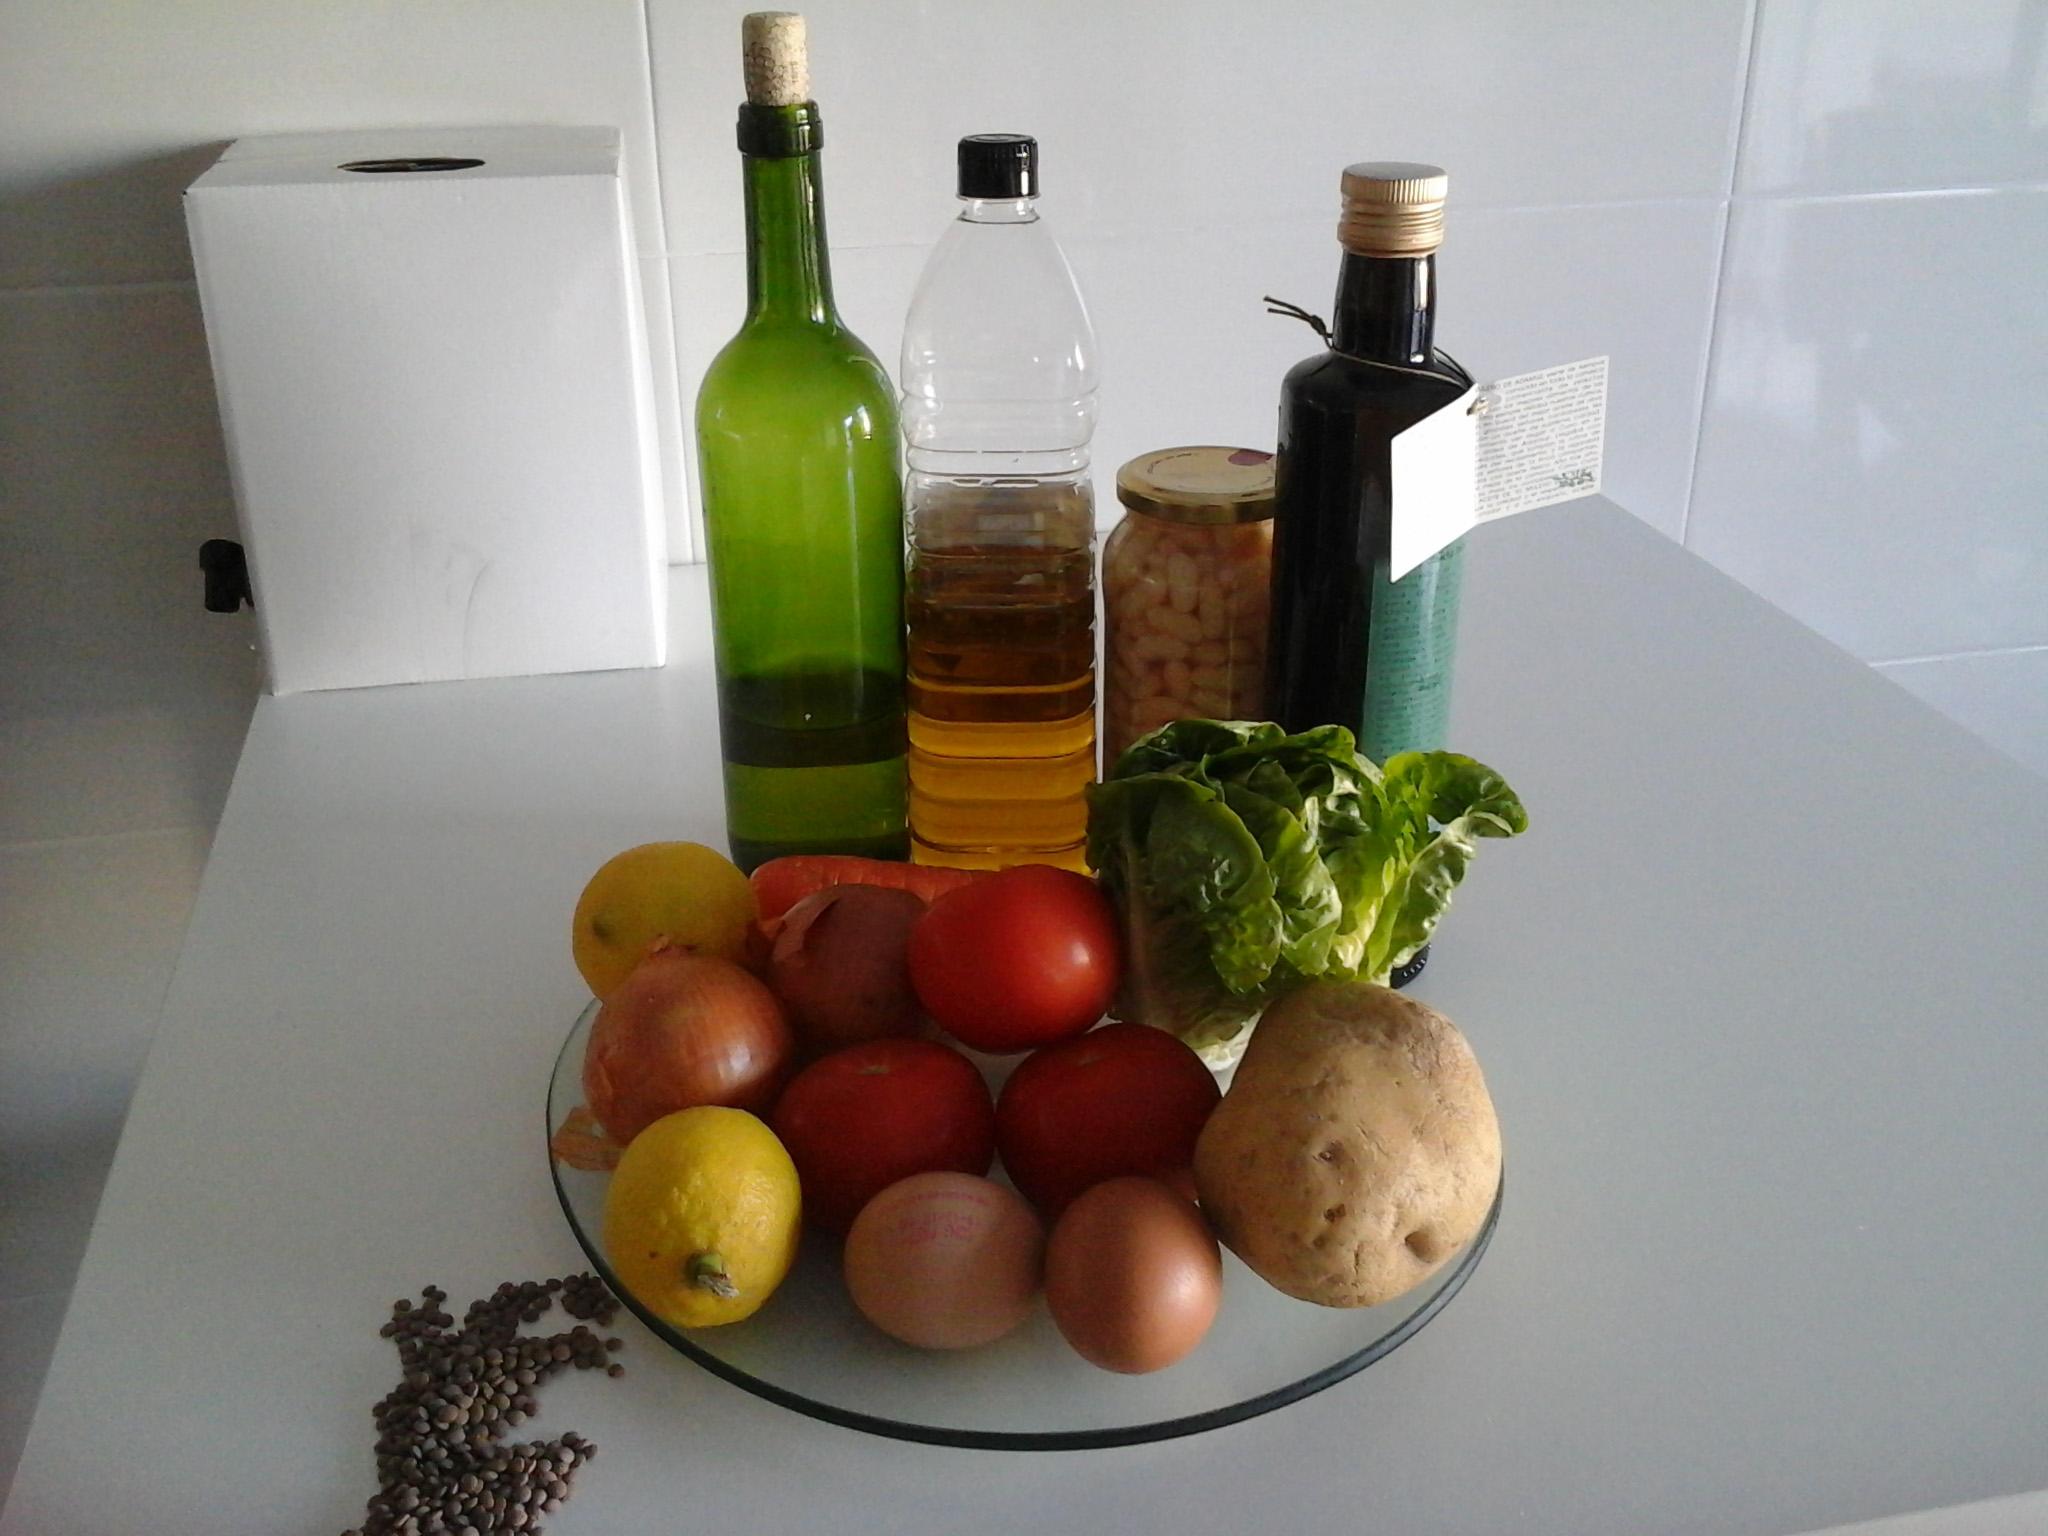 La dieta mediterránea favorece el crecimiento de bacterias intestinales que previenen la obesidad